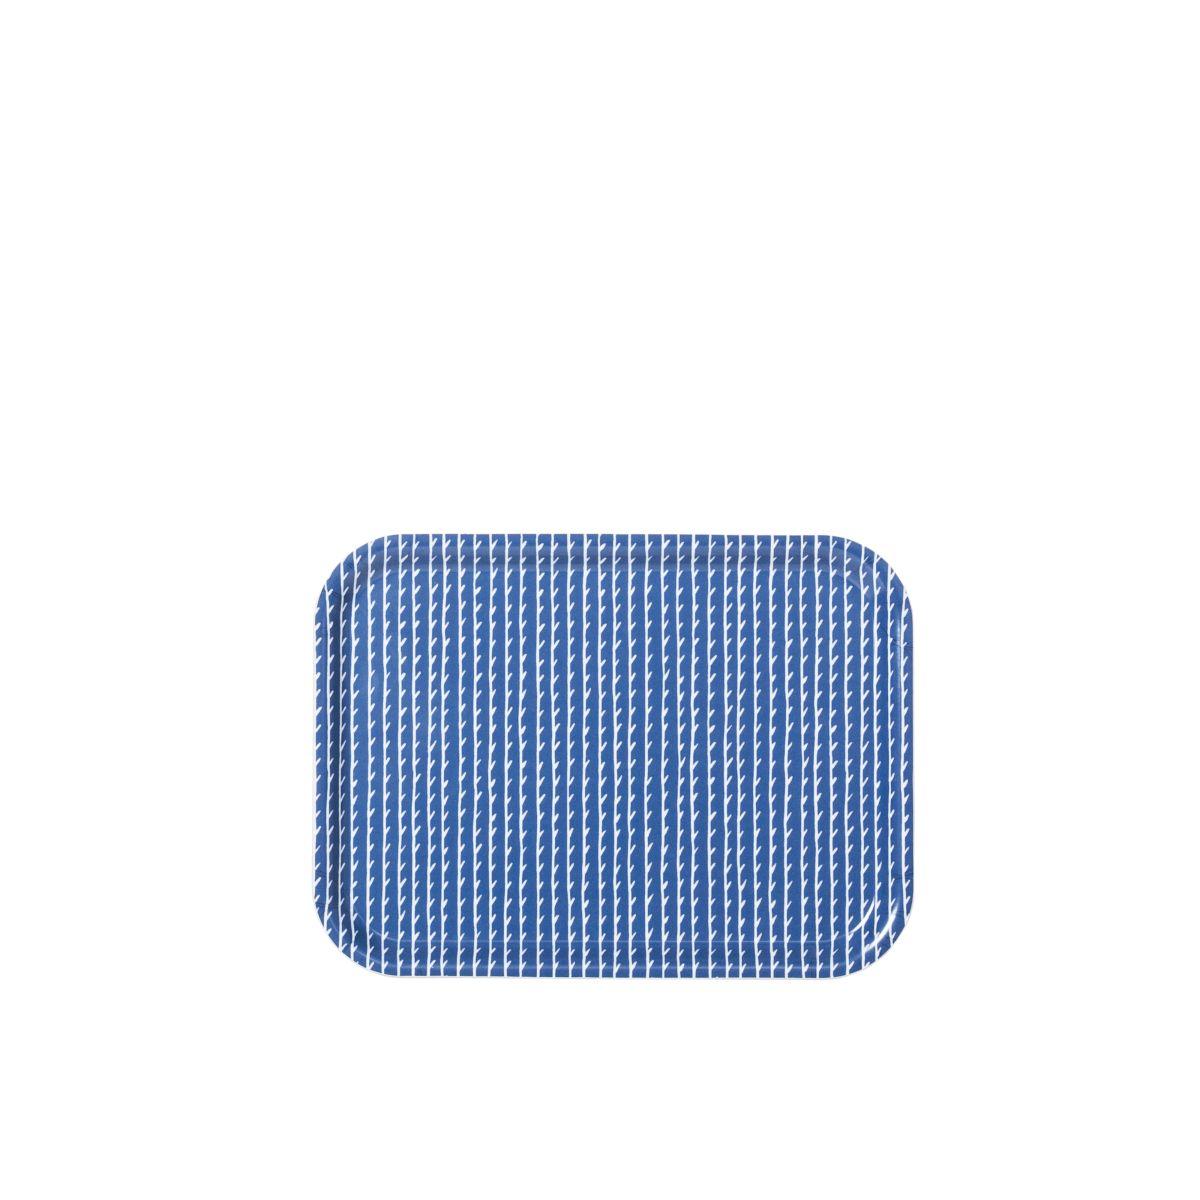 Rivi-Tray-Small-Blue_White